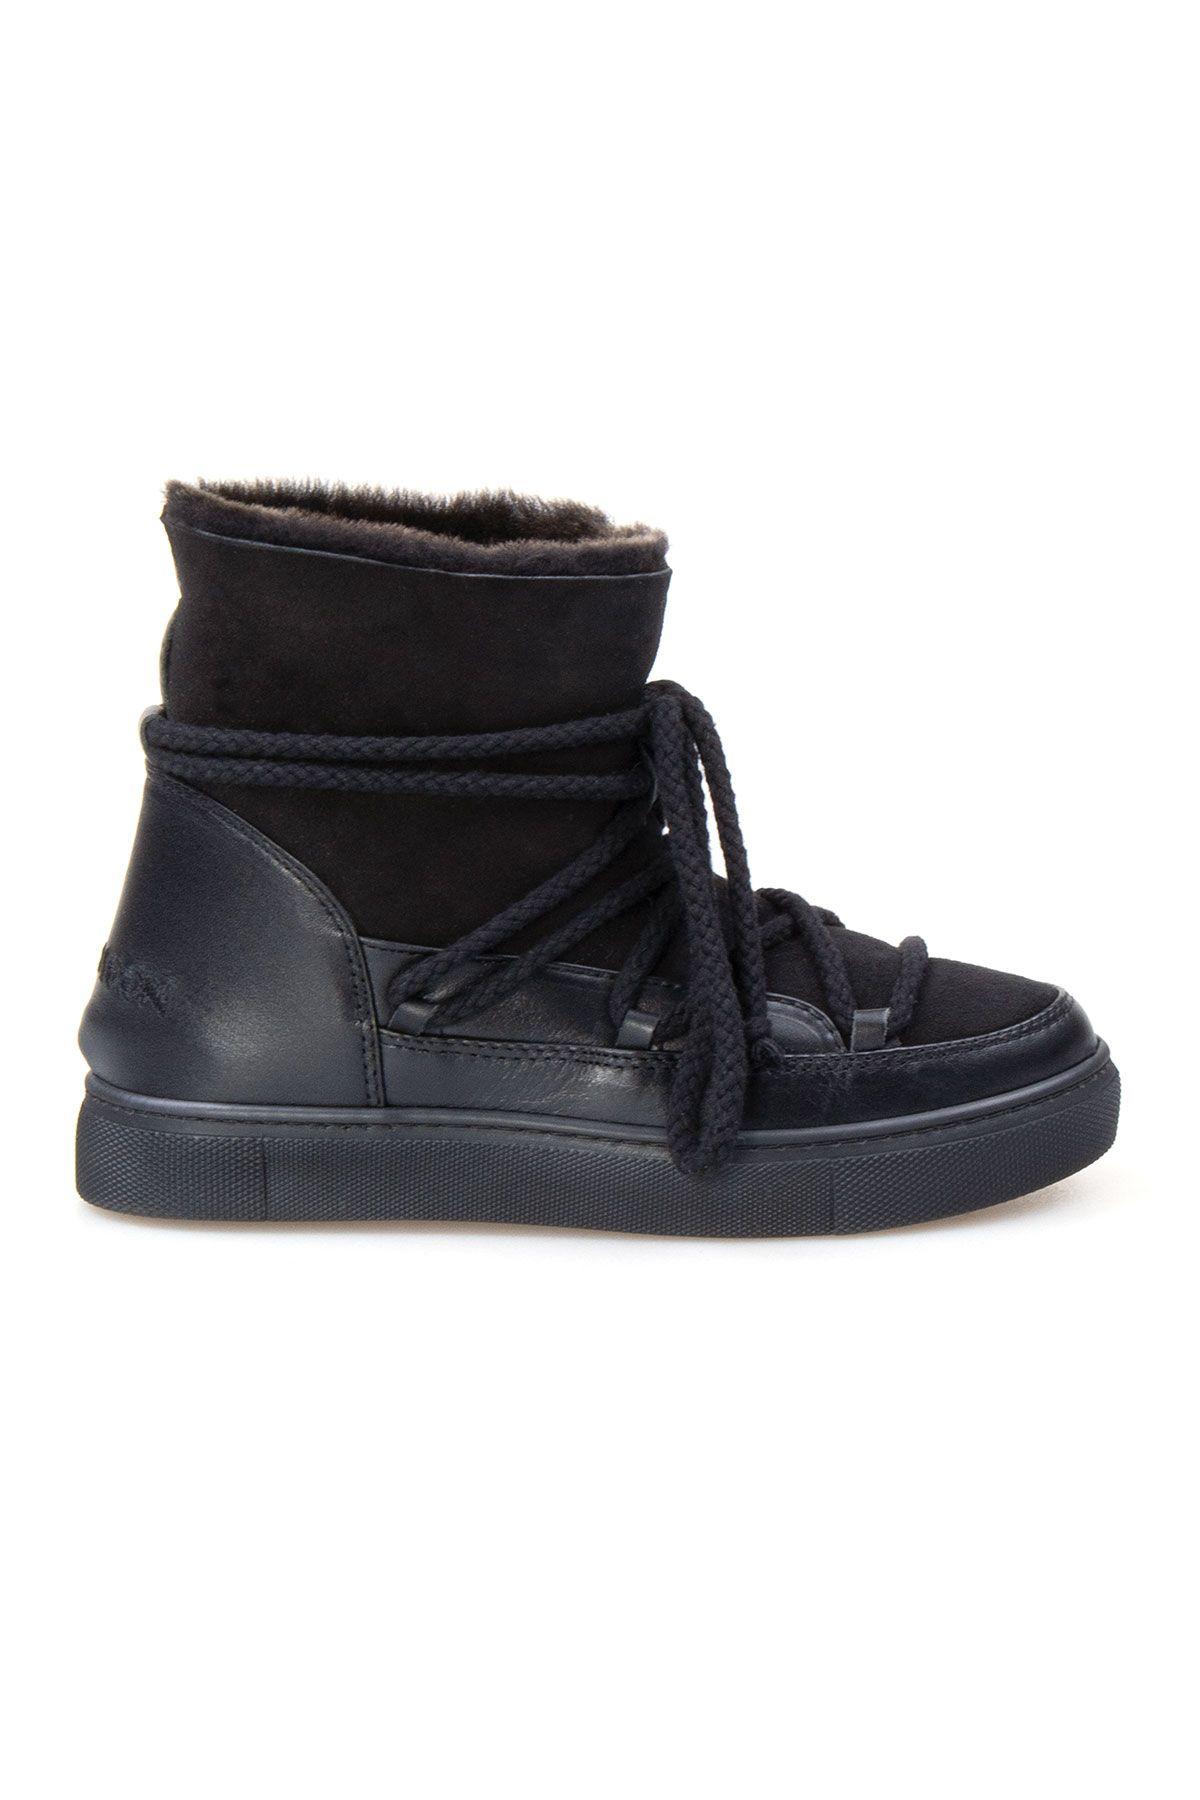 Cool Moon Hakiki İçi Kürk Bayan Sneaker 355050 Siyah